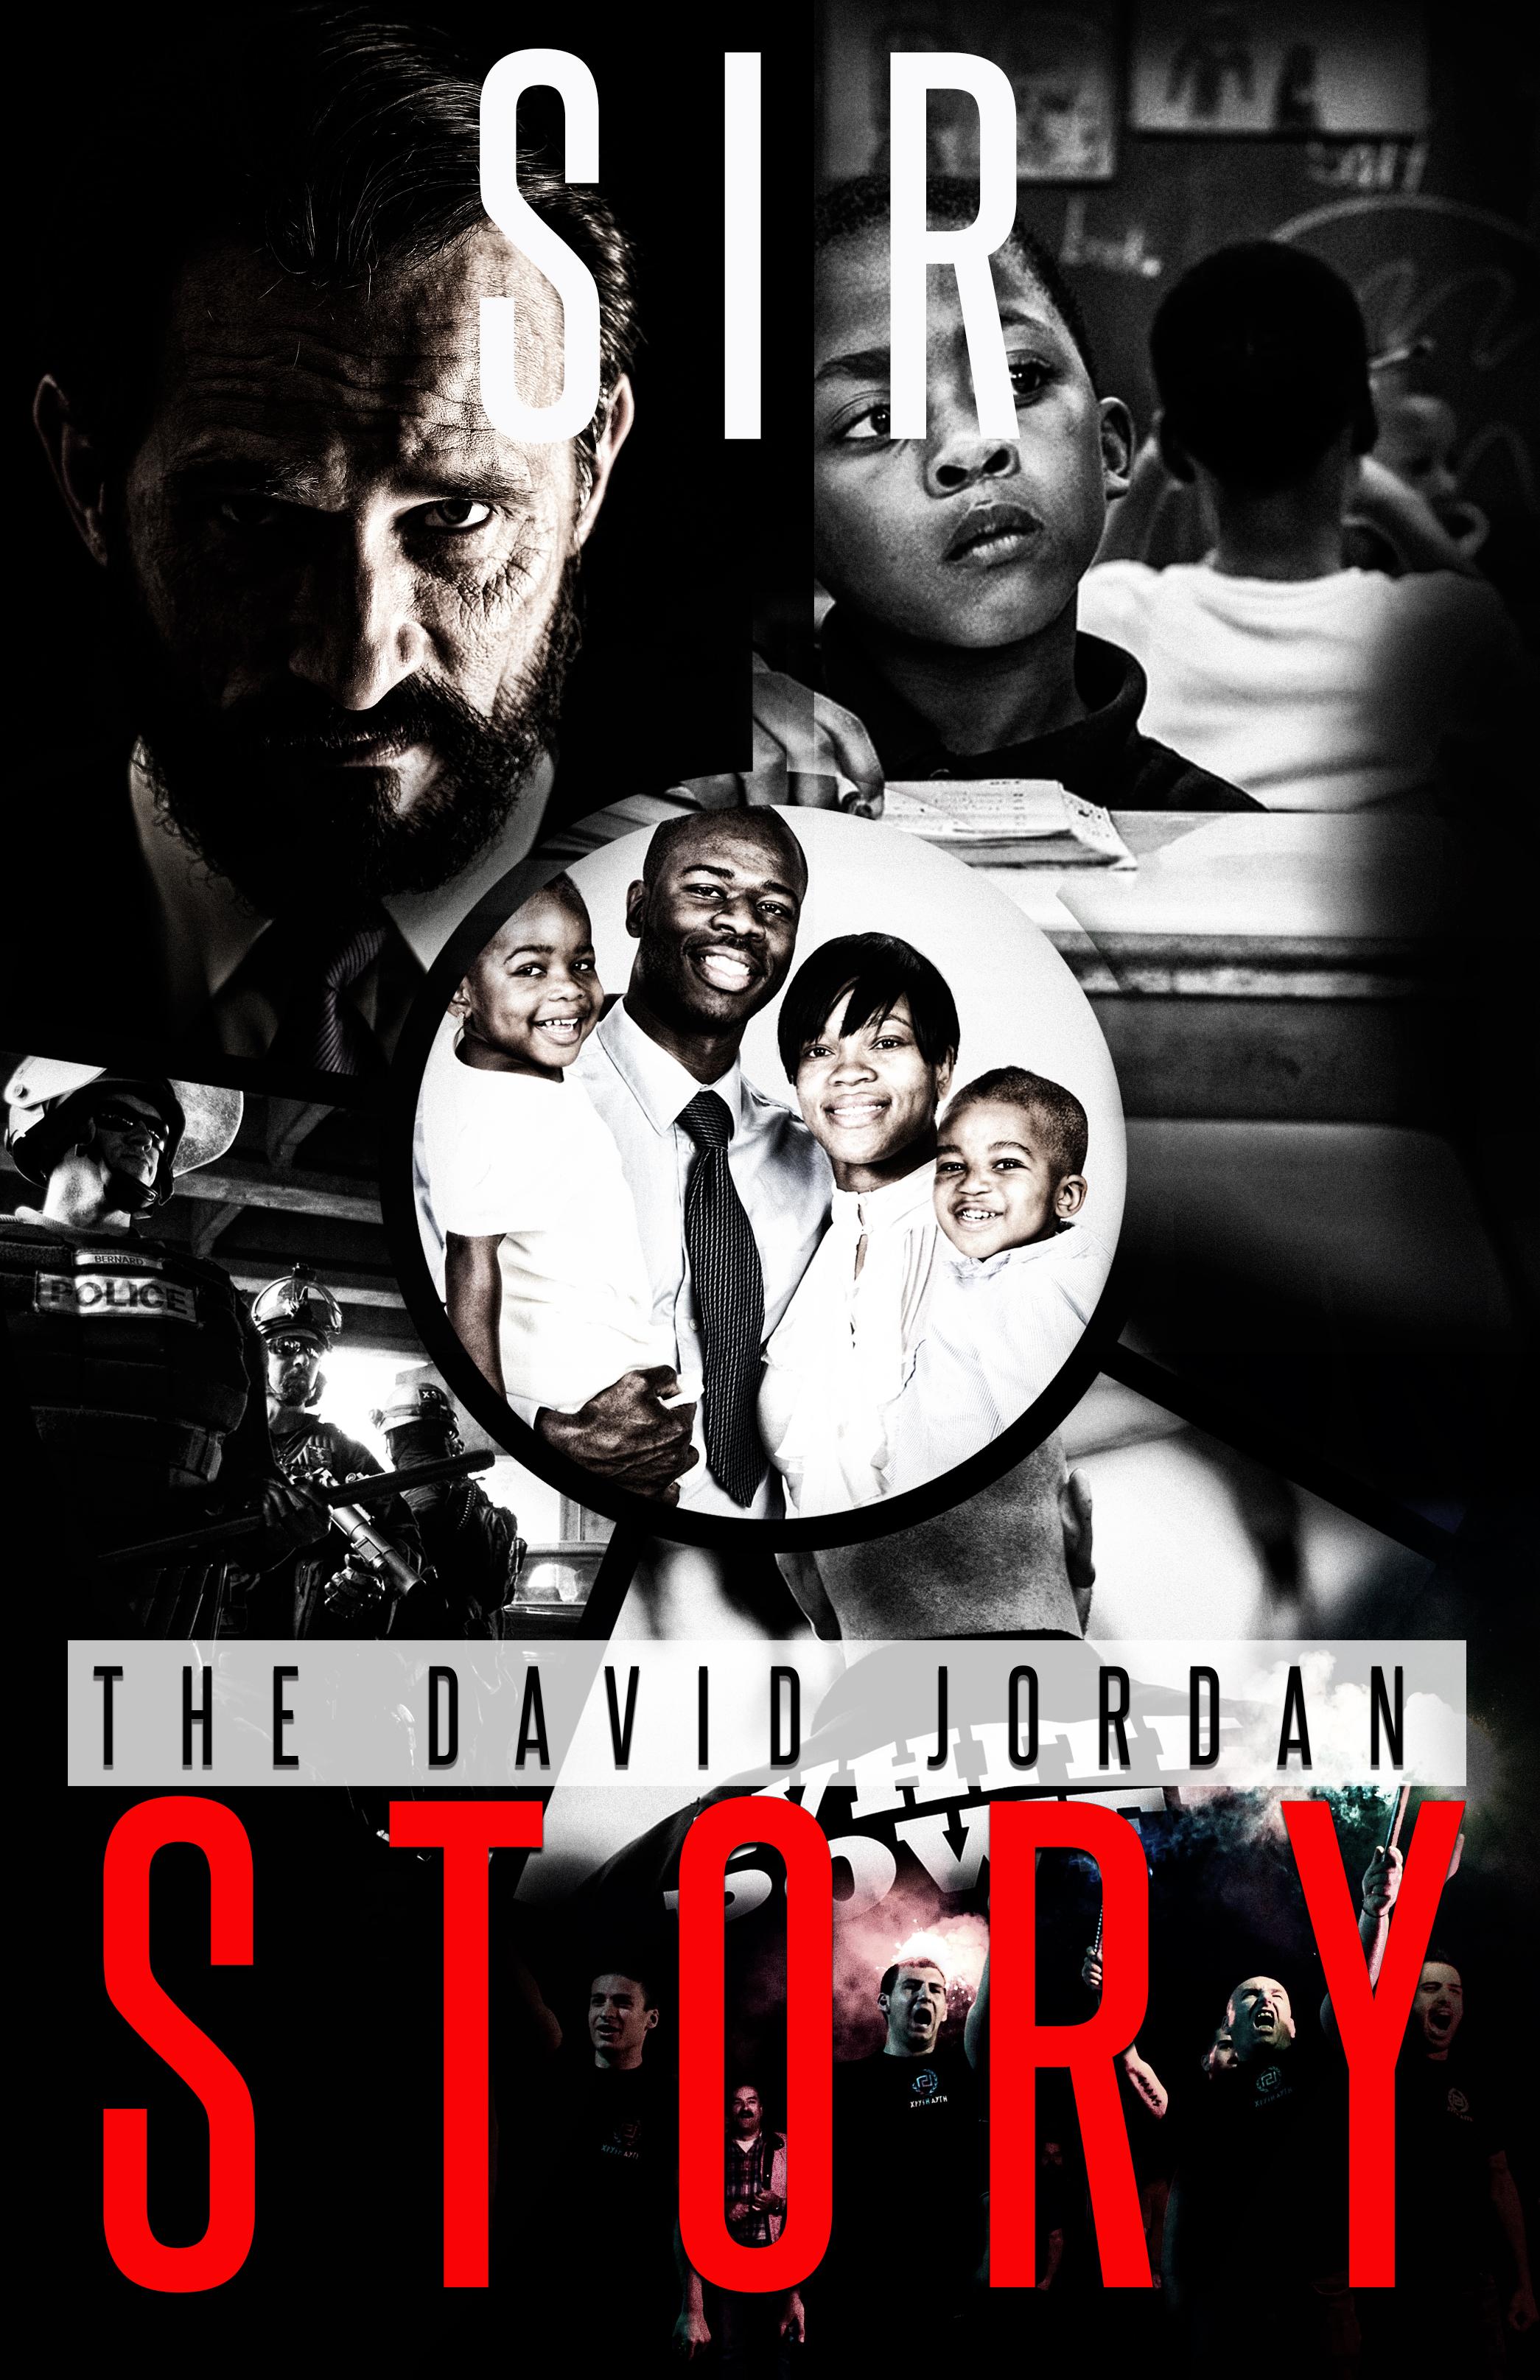 THE DAVID JORDAN STORY FIRST CONCEPT